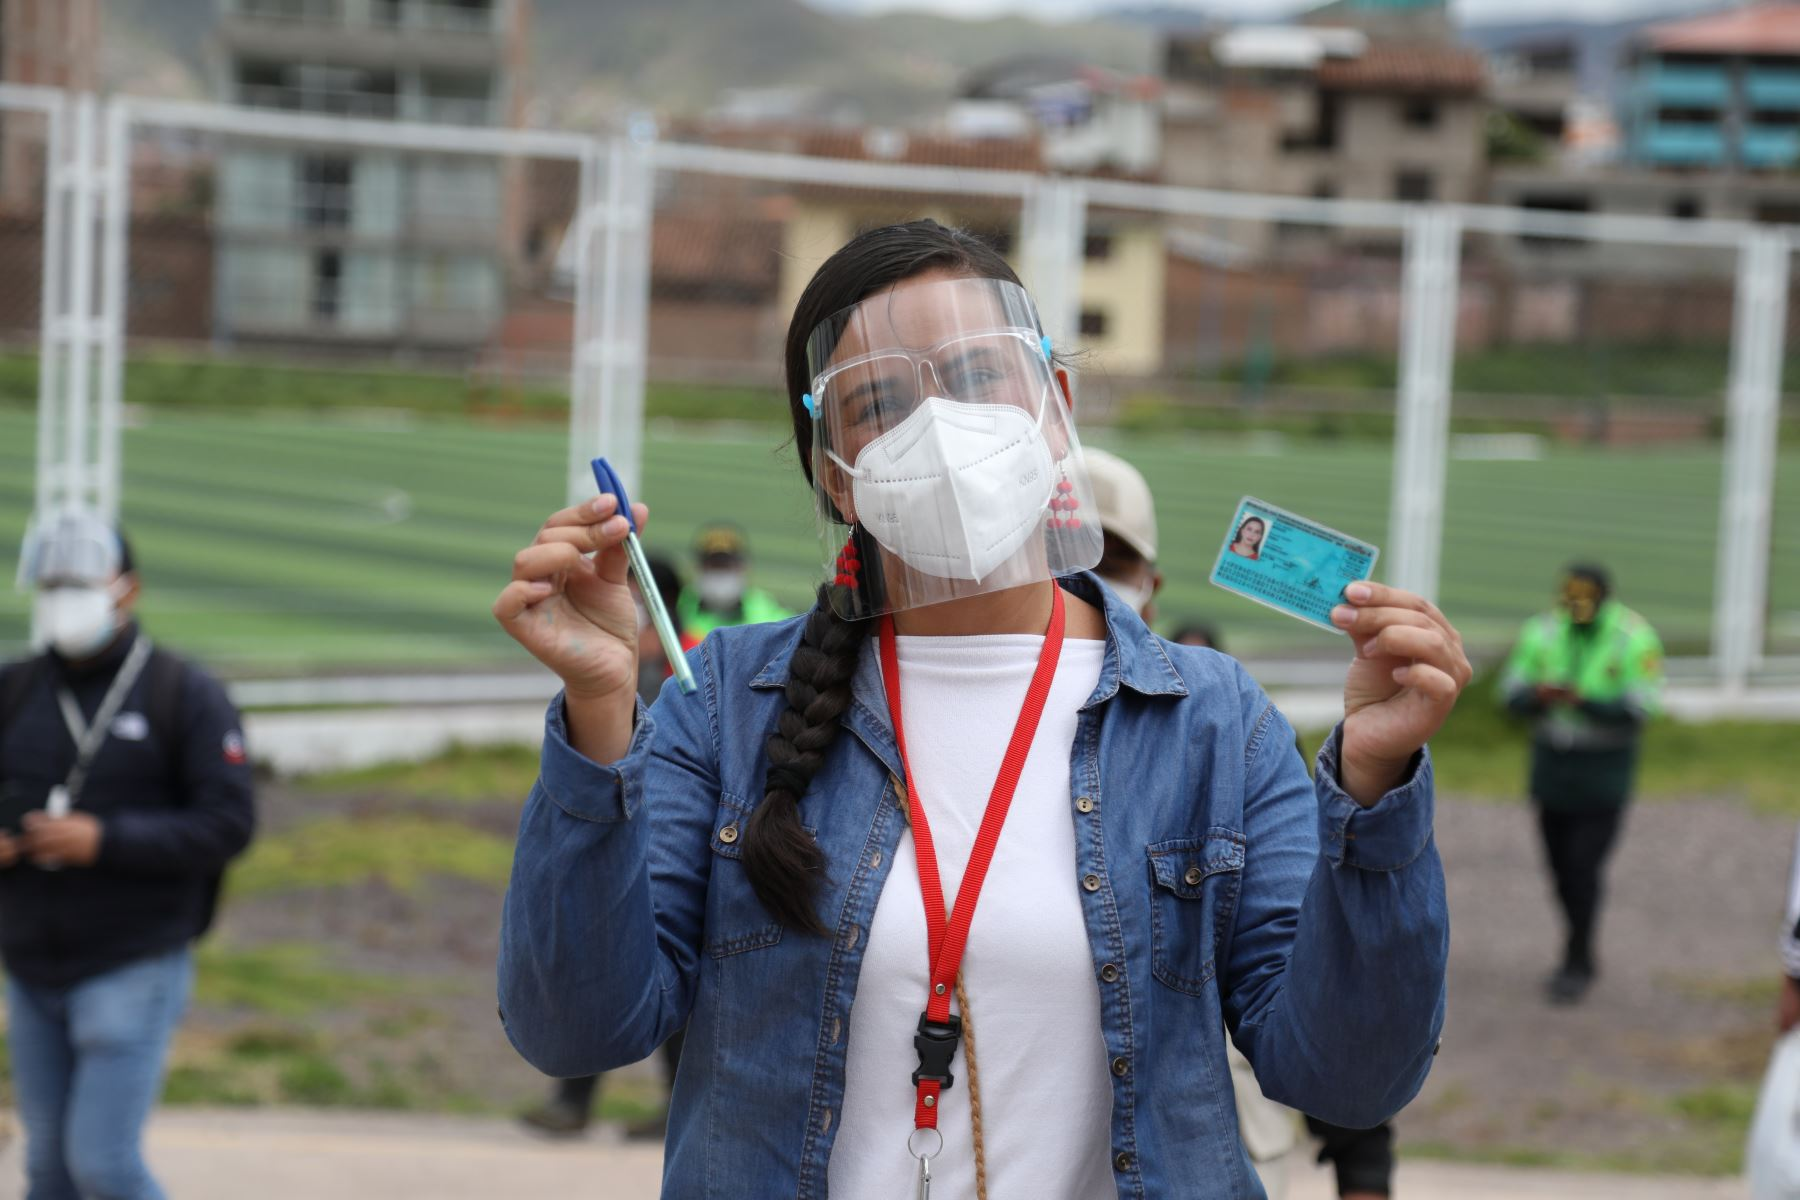 CUSCO (PERÚ), 11/04/2021.- La candidata presidencial de Juntos por el Perú,  Veronica Mendoza, emite su voto en el colegio Diego Quispe Tito, en el distrito de San Sebastian, en Cusco, durante la jornada de las Elecciones Generales 2021.  Foto: ANDINA/Percy Hurtado